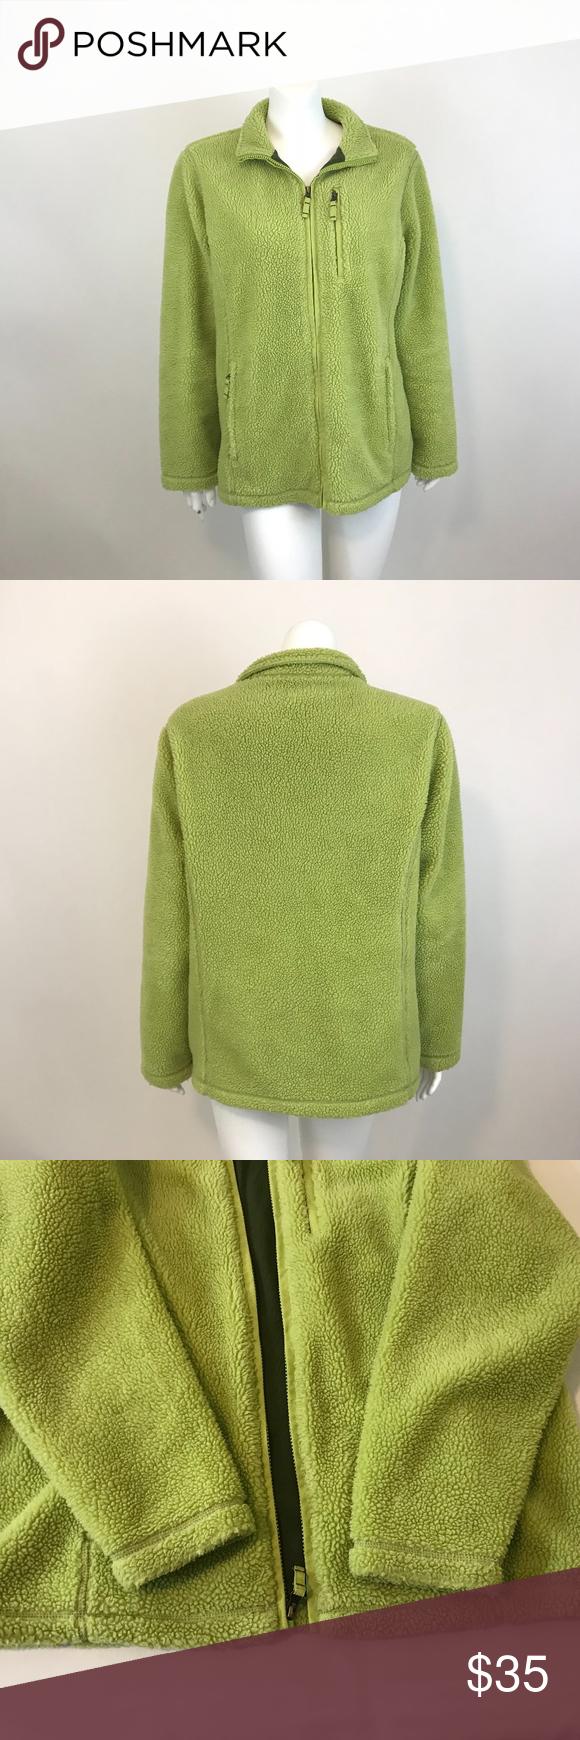 ba0988fee80 Lands  End Green Nubby Zip Up Fleece Jacket L Lands  End nubby fleece jacket